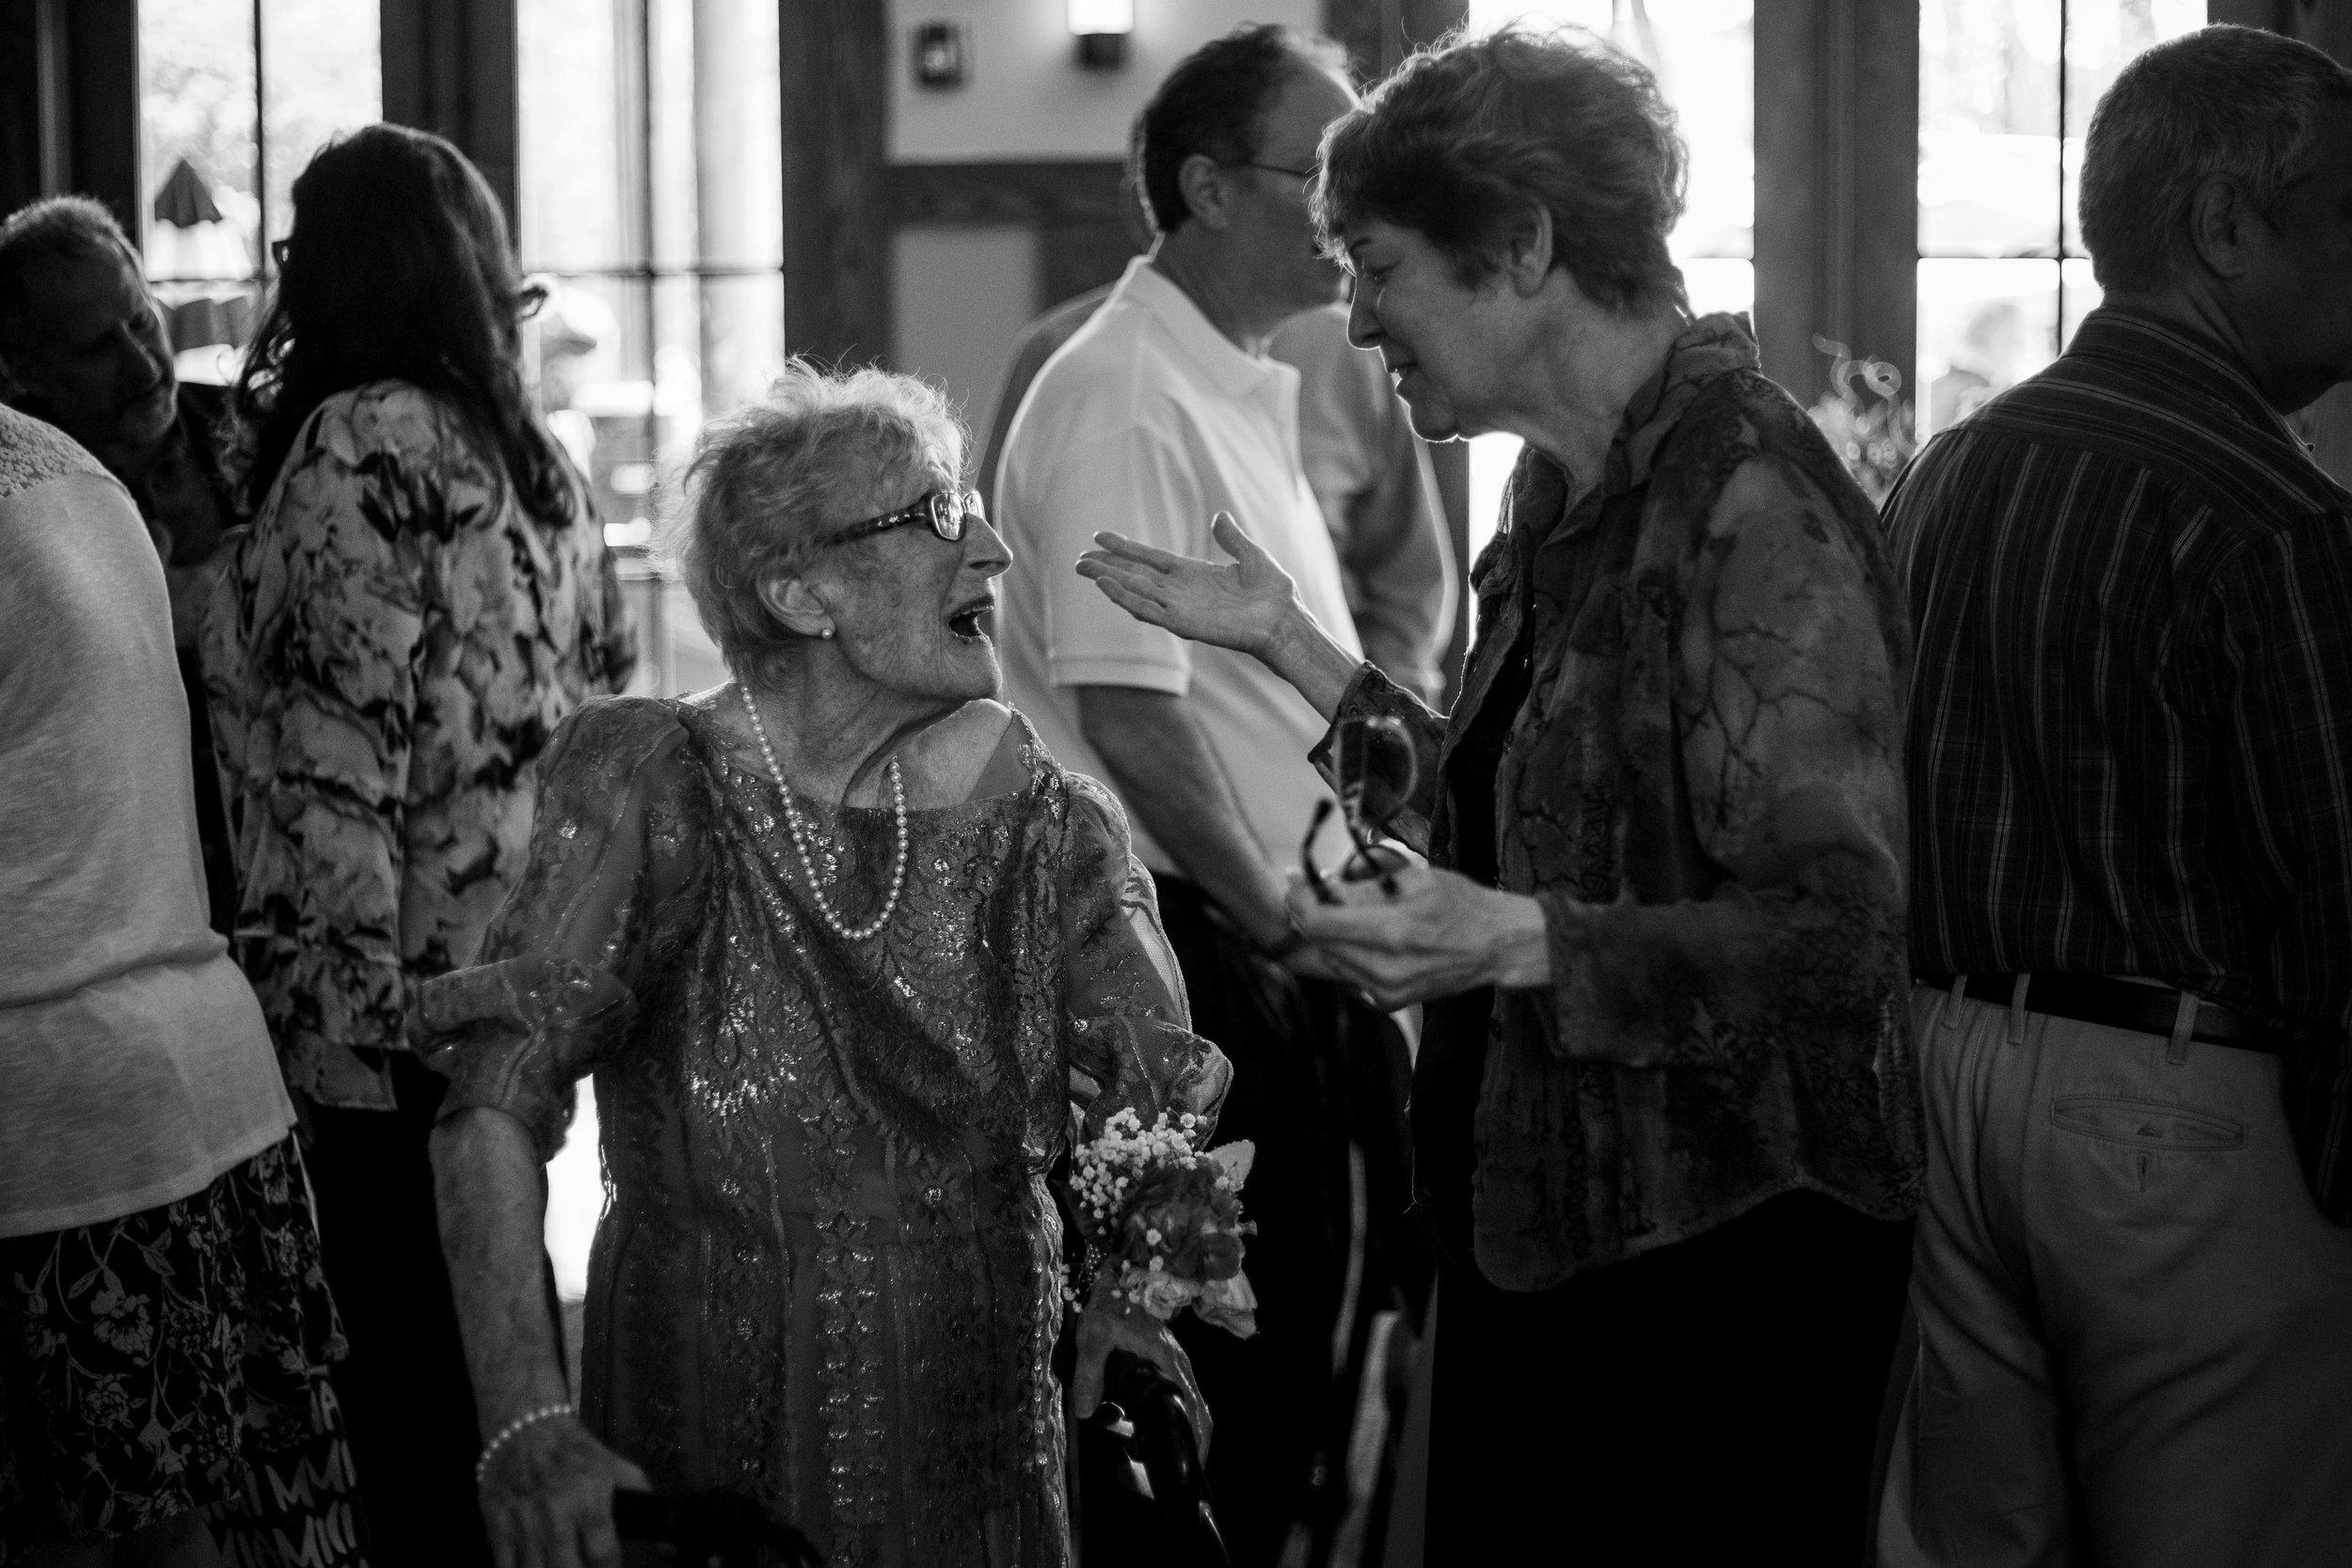 McLoones Boathouse West Orange NJ 100th Birthday Party Event Photos-4.jpg